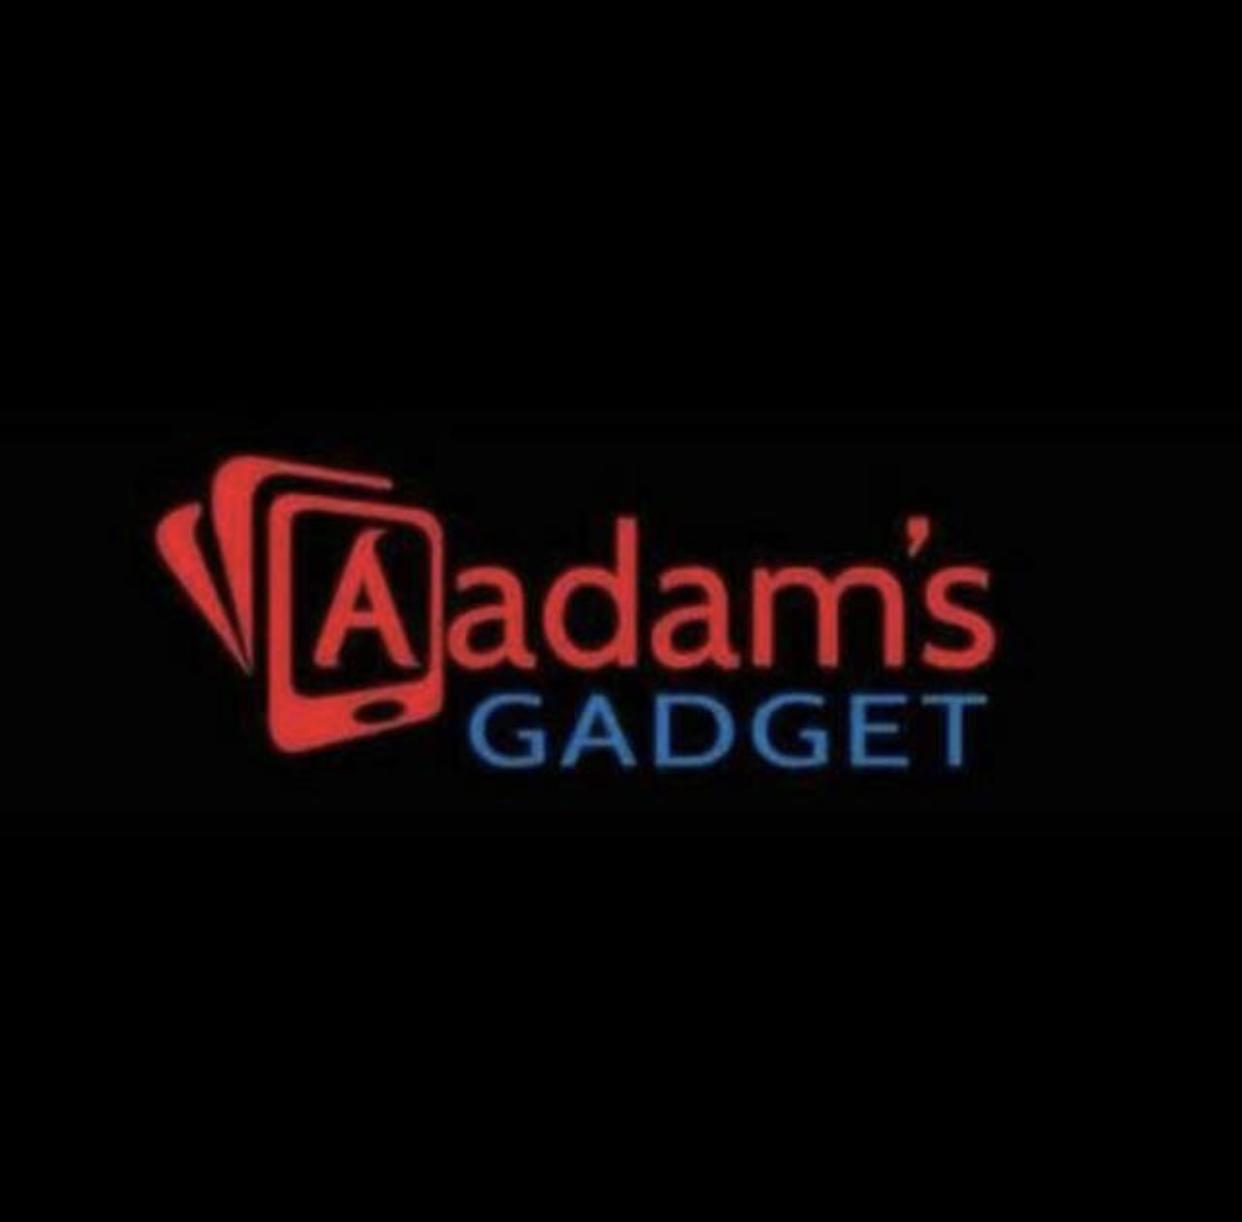 Aadam's